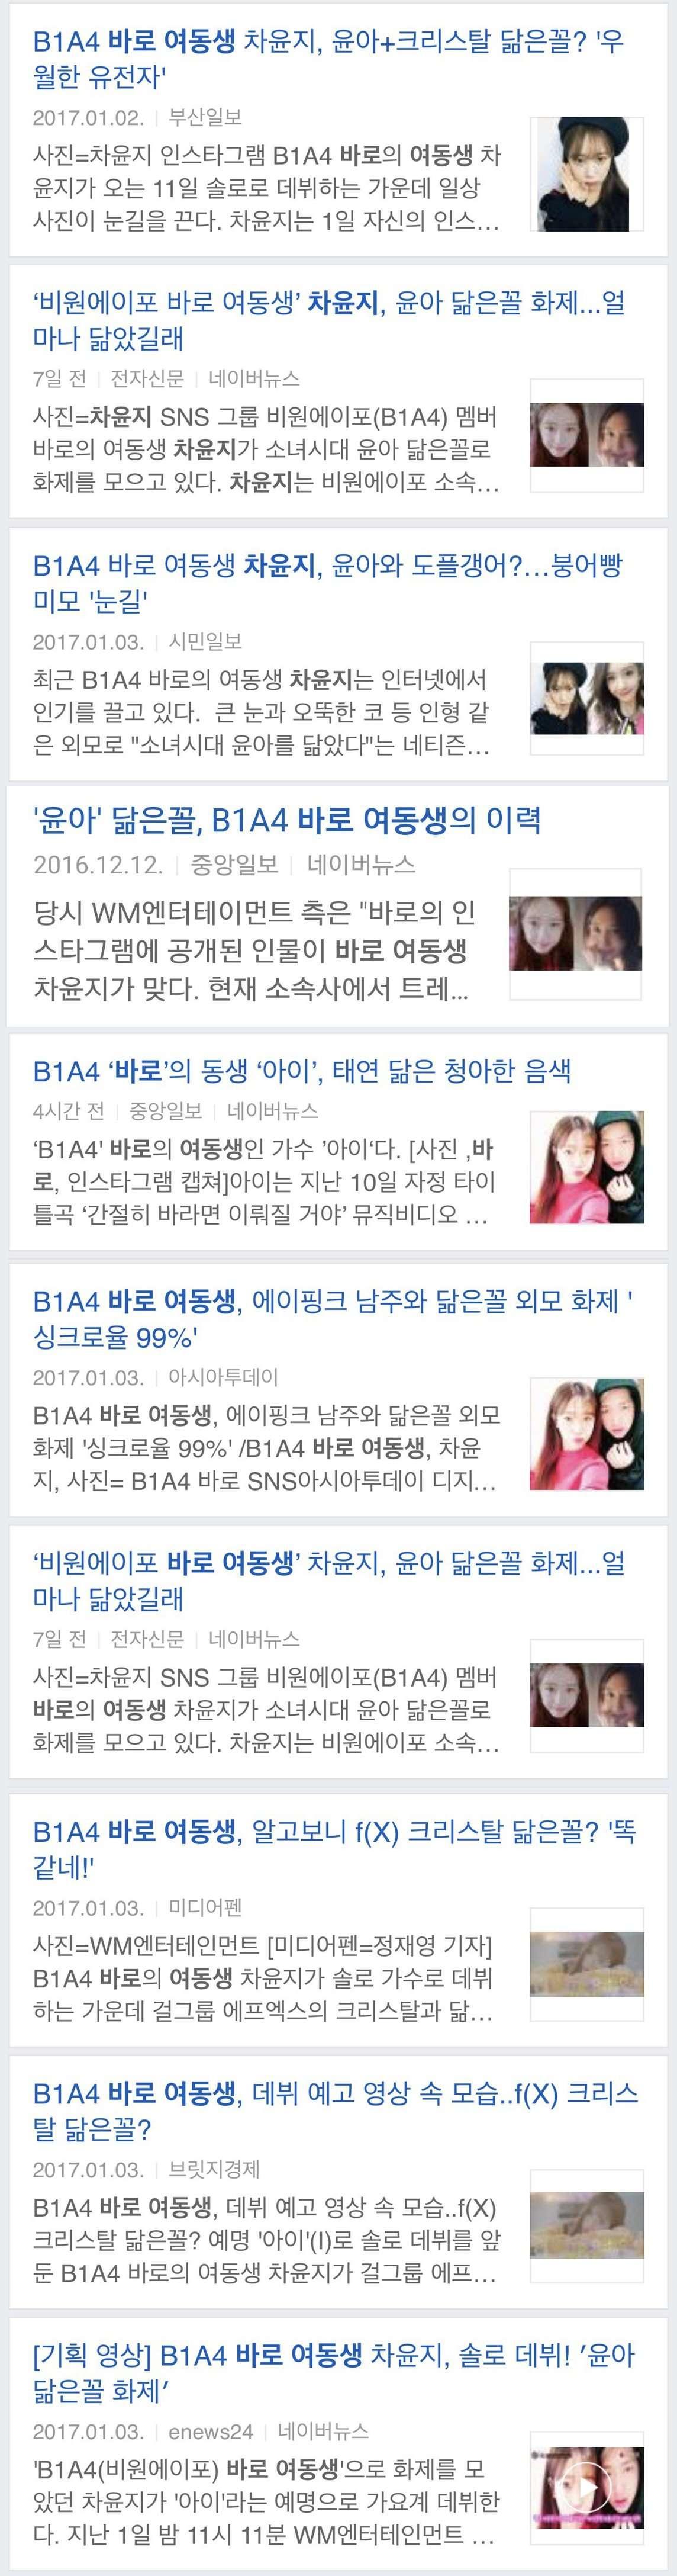 데뷔하는 B1A4 바로 여동생 언플에 묶여서 나오는 여돌들